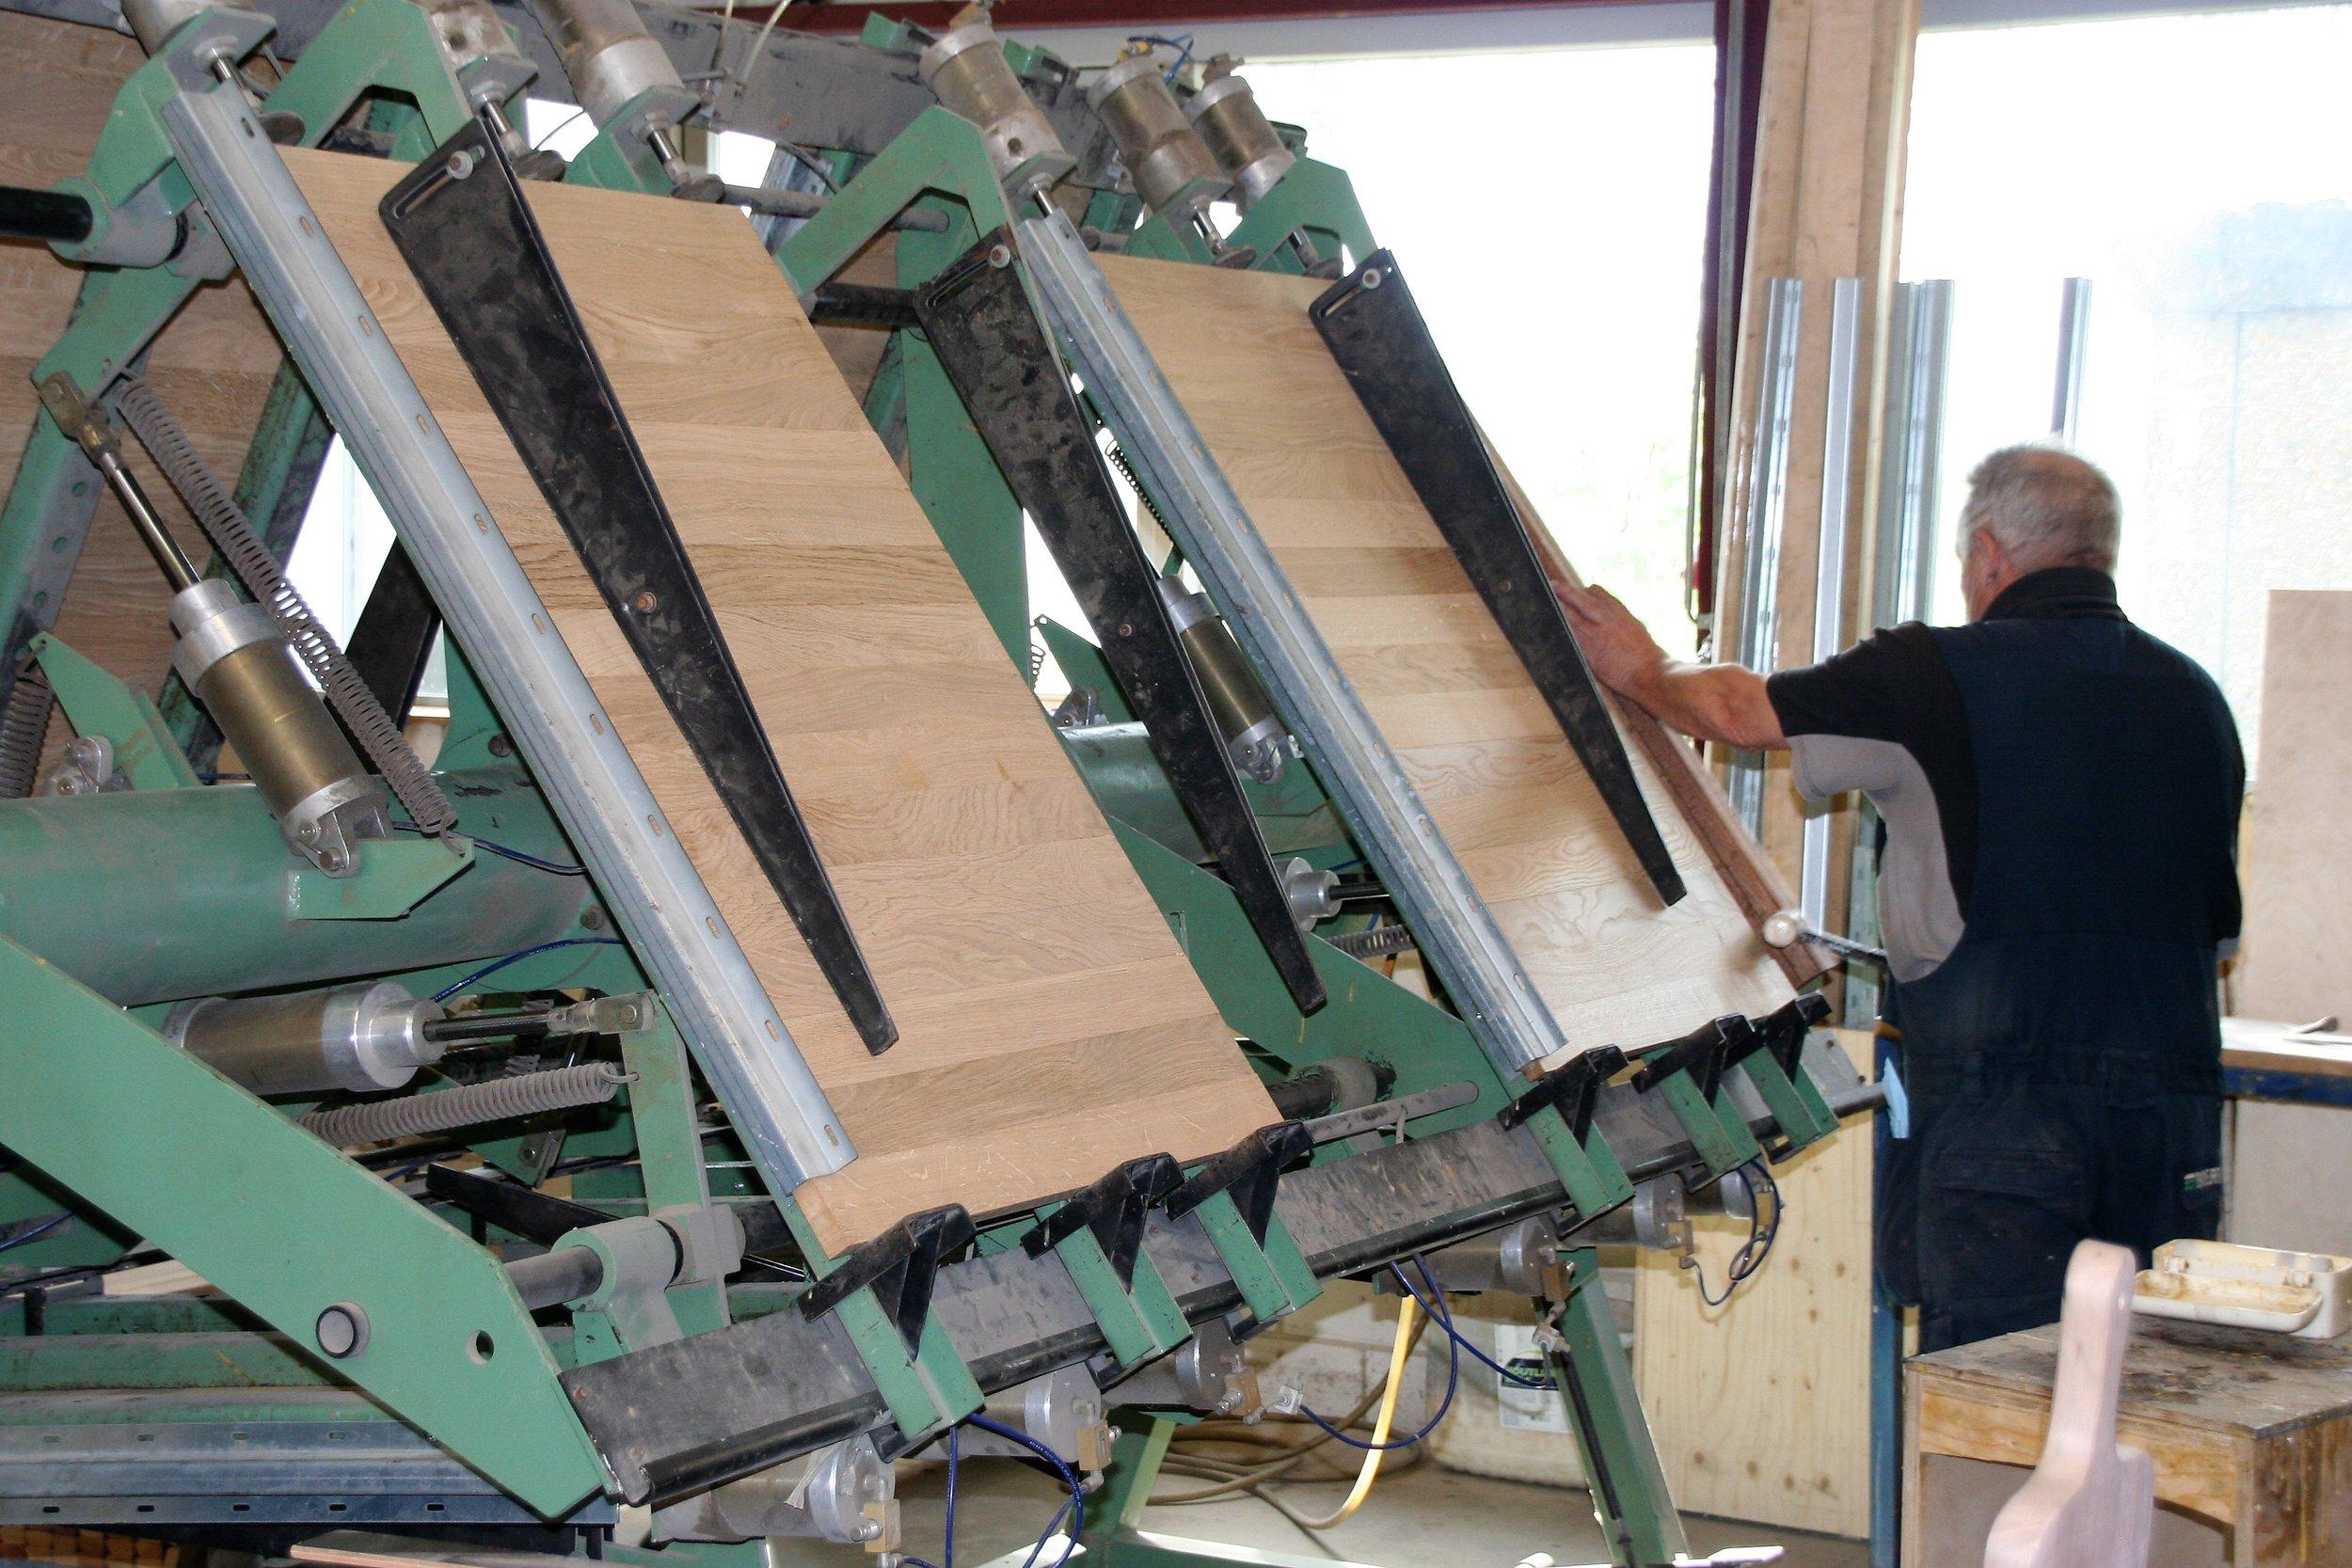 Verlijmen - Massief houten stroken worden verlijmd tot panelen waaruit op de CNC-freesmachine de gevraagde producten worden gefreesd.